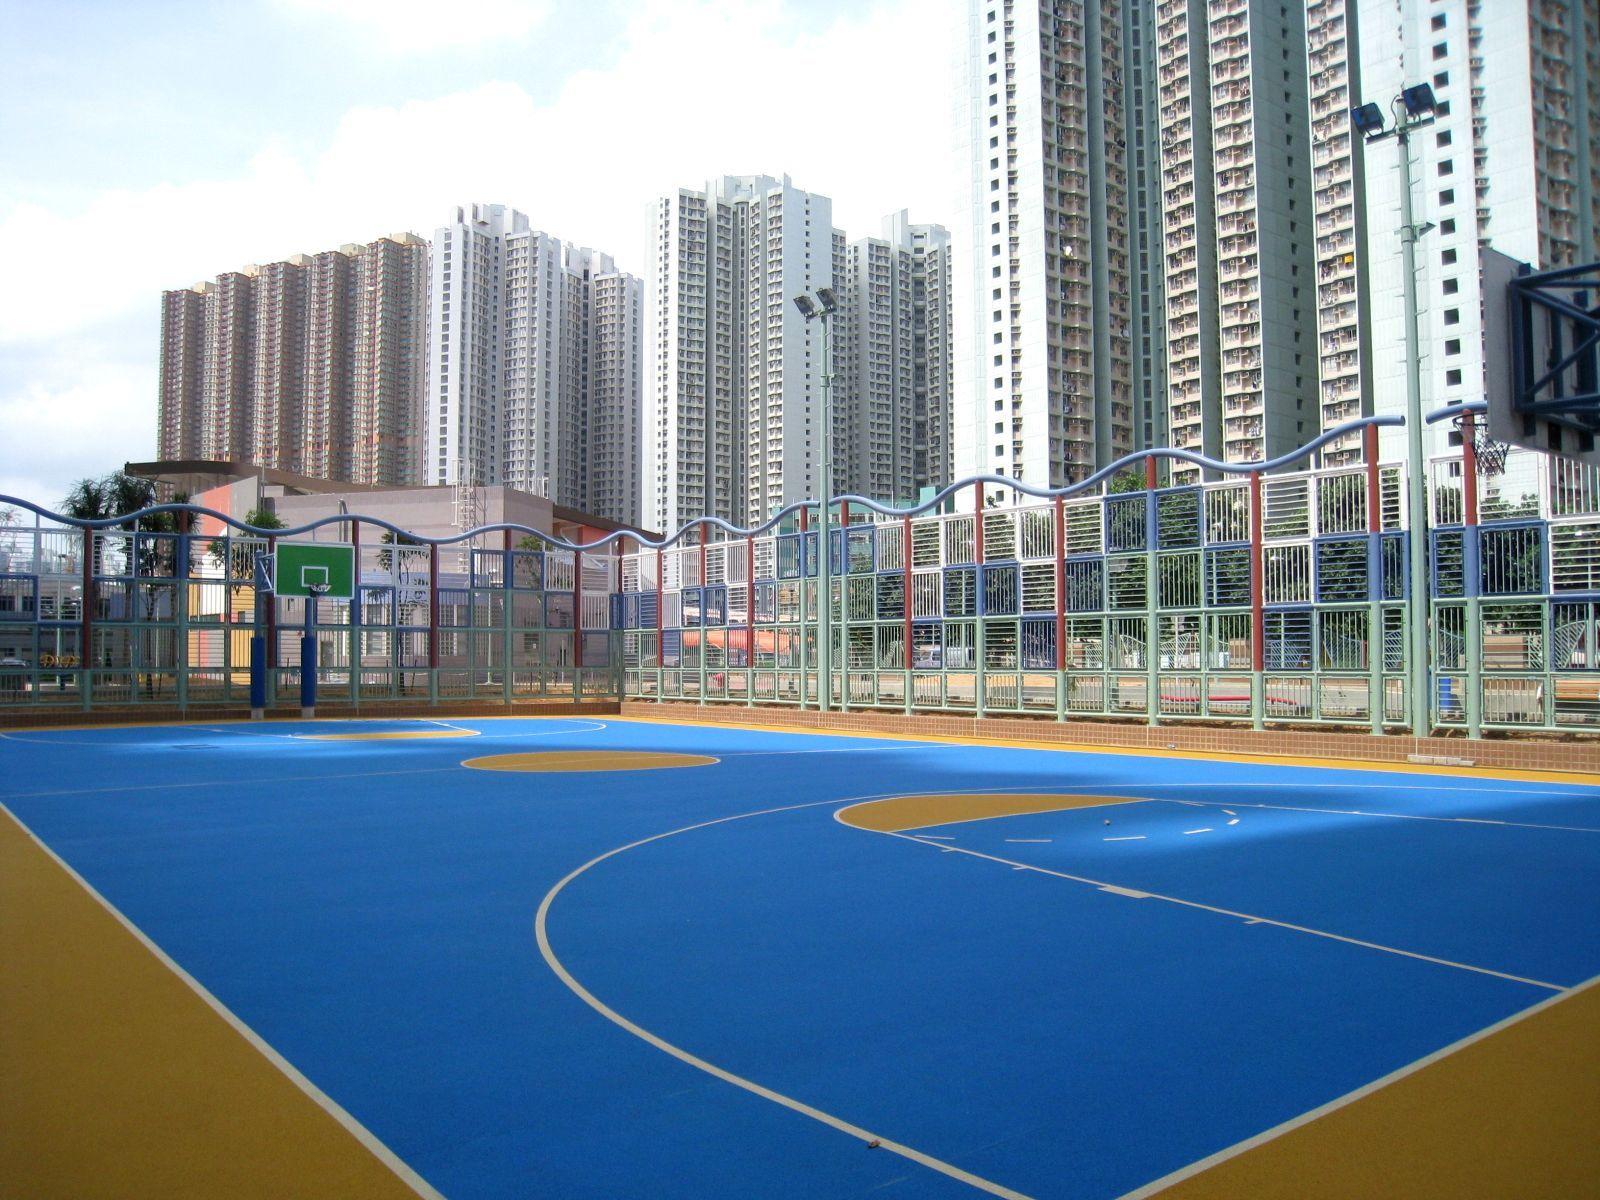 Basketball court wallpaper 23 1600x1200 - Court wallpaper ...